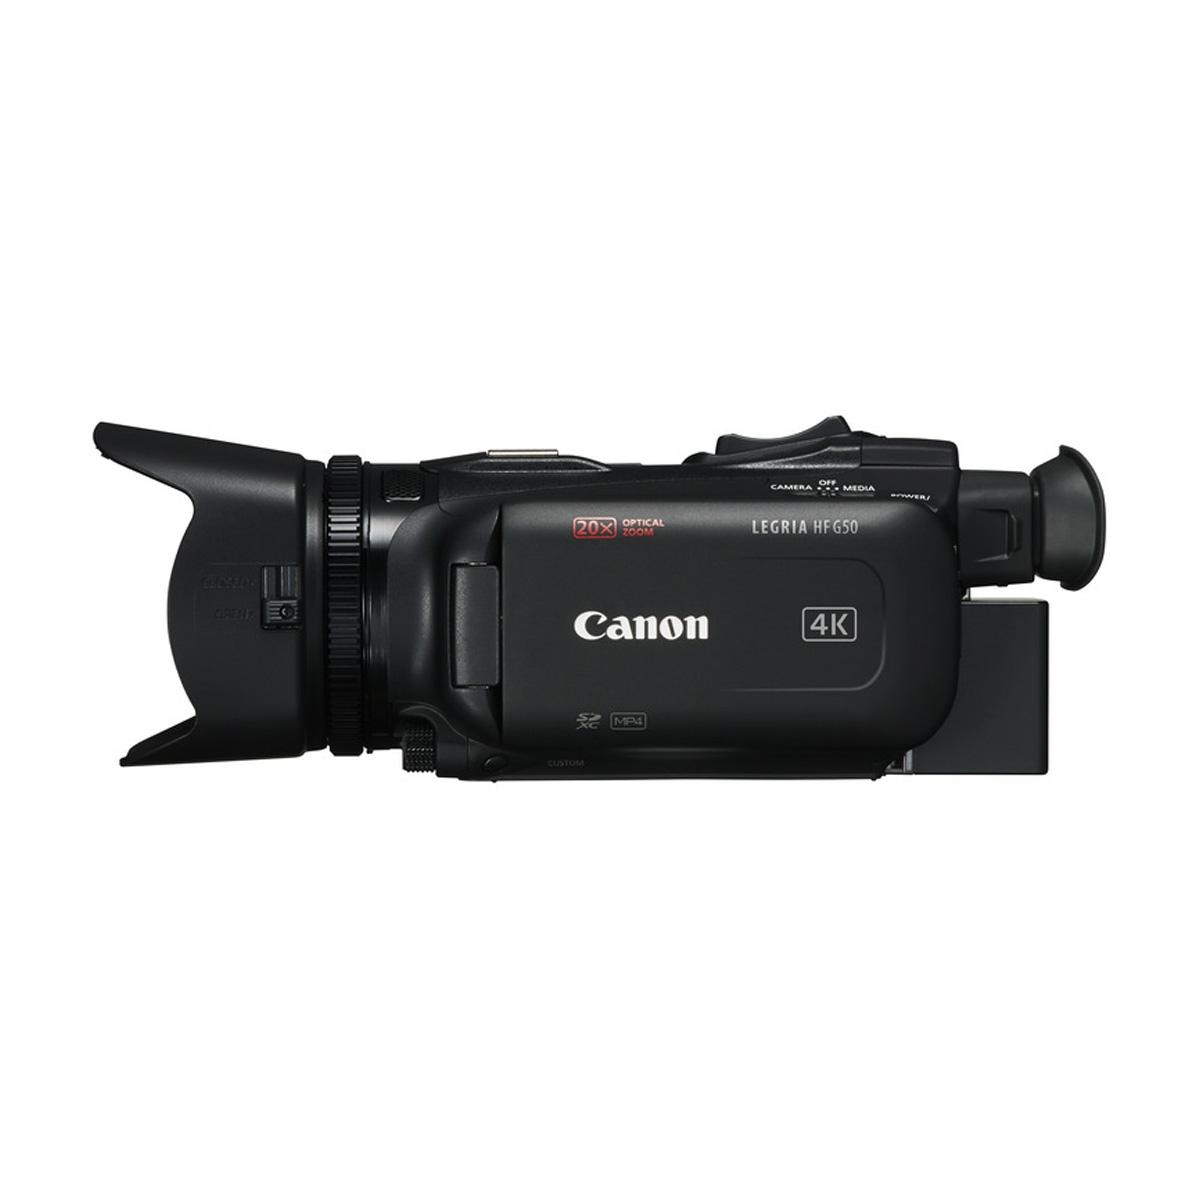 Canon HF-G 50 Camcorder